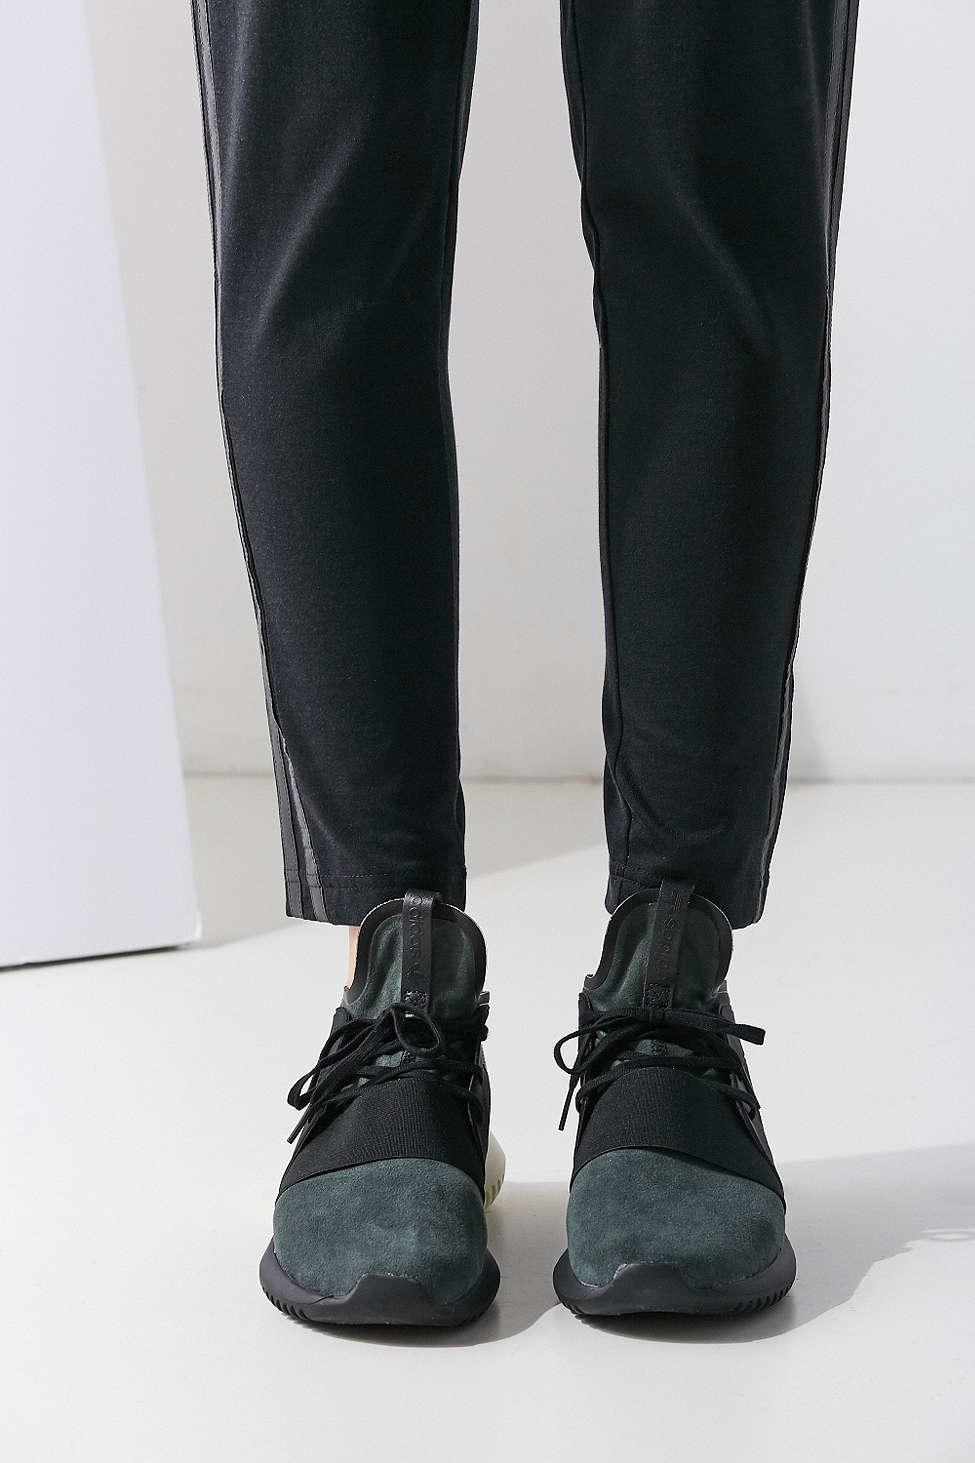 Lyst - adidas Originals Tubular Defiant Low-Top Sneakers in Black db7b45c2e